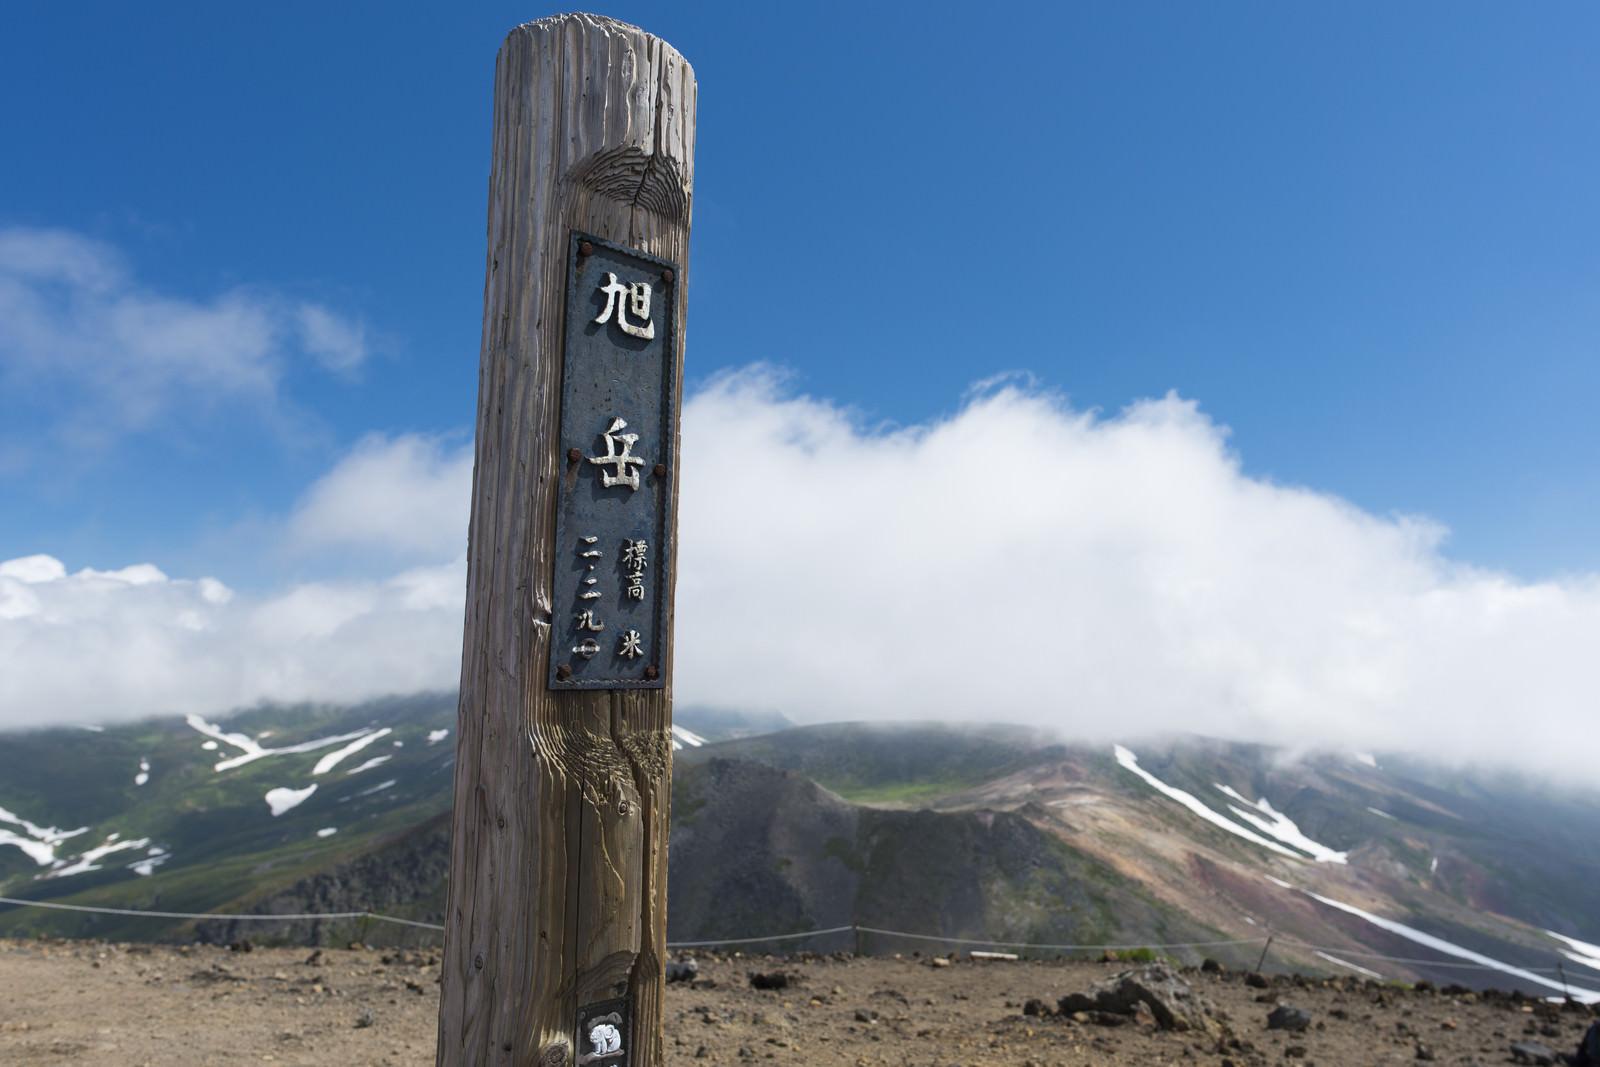 「背景に雲が流れる旭岳山頂の木碑」の写真